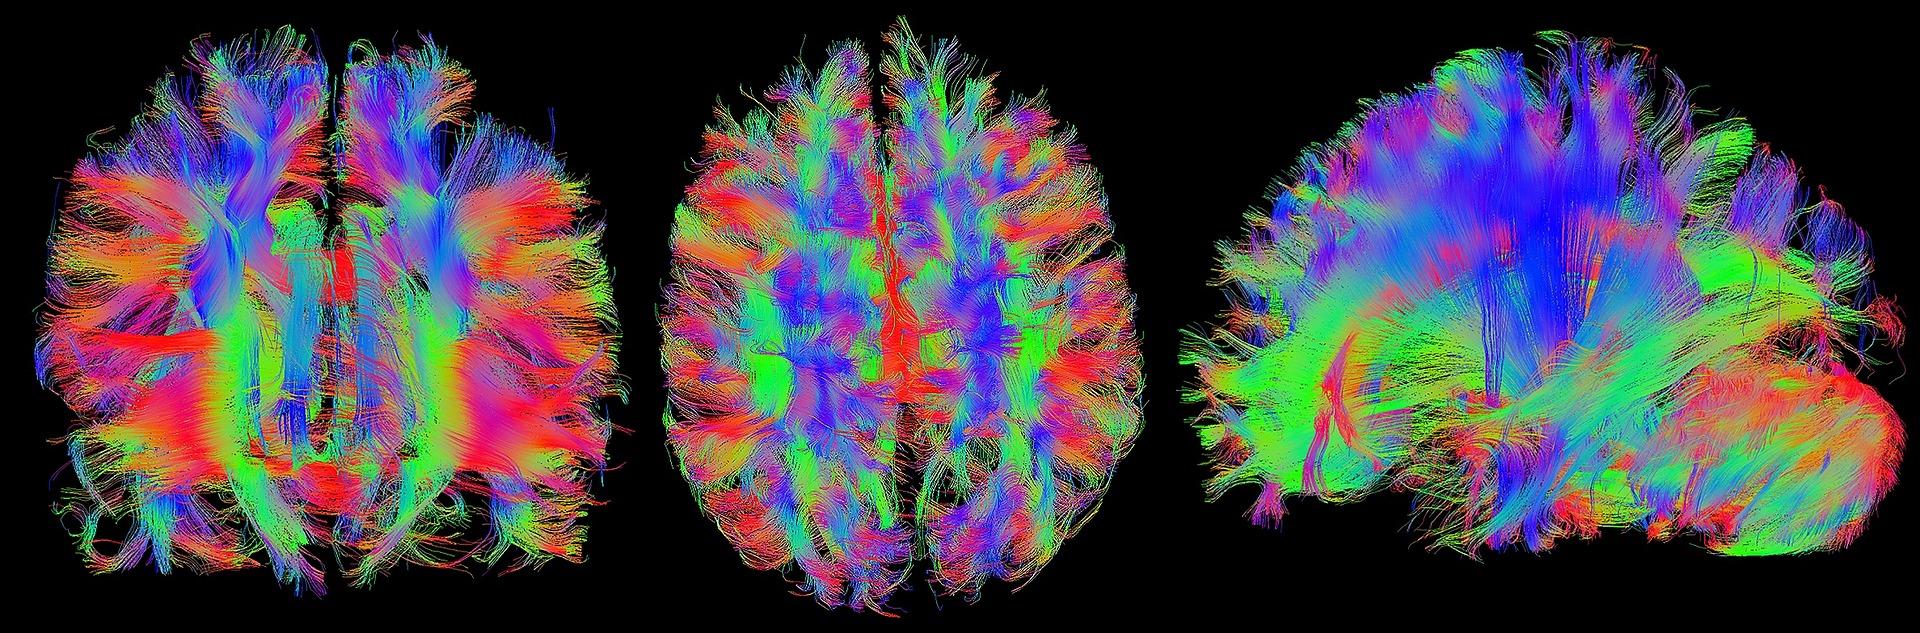 brain-1728449_1920.jpg